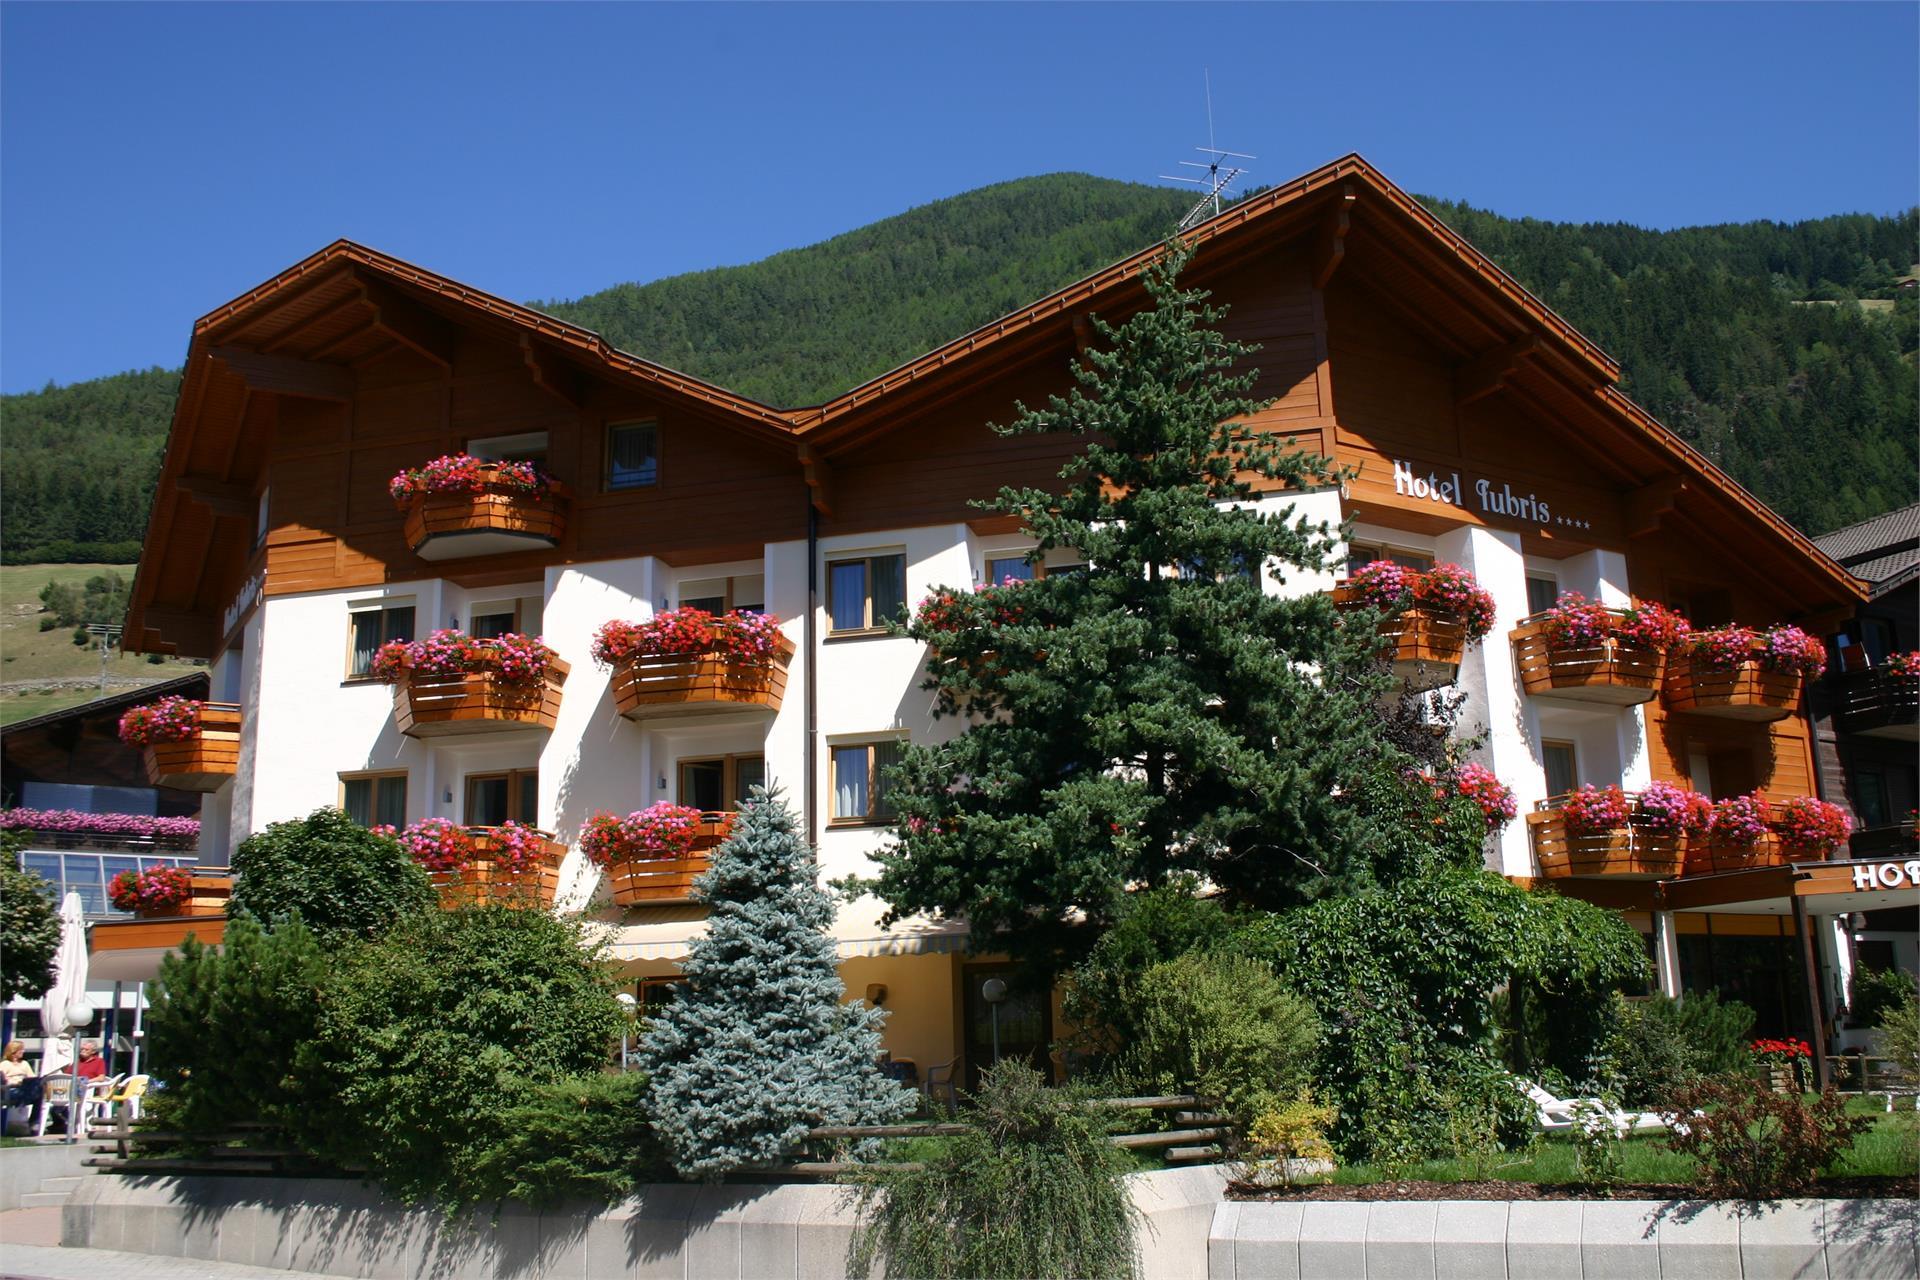 Hotel summer